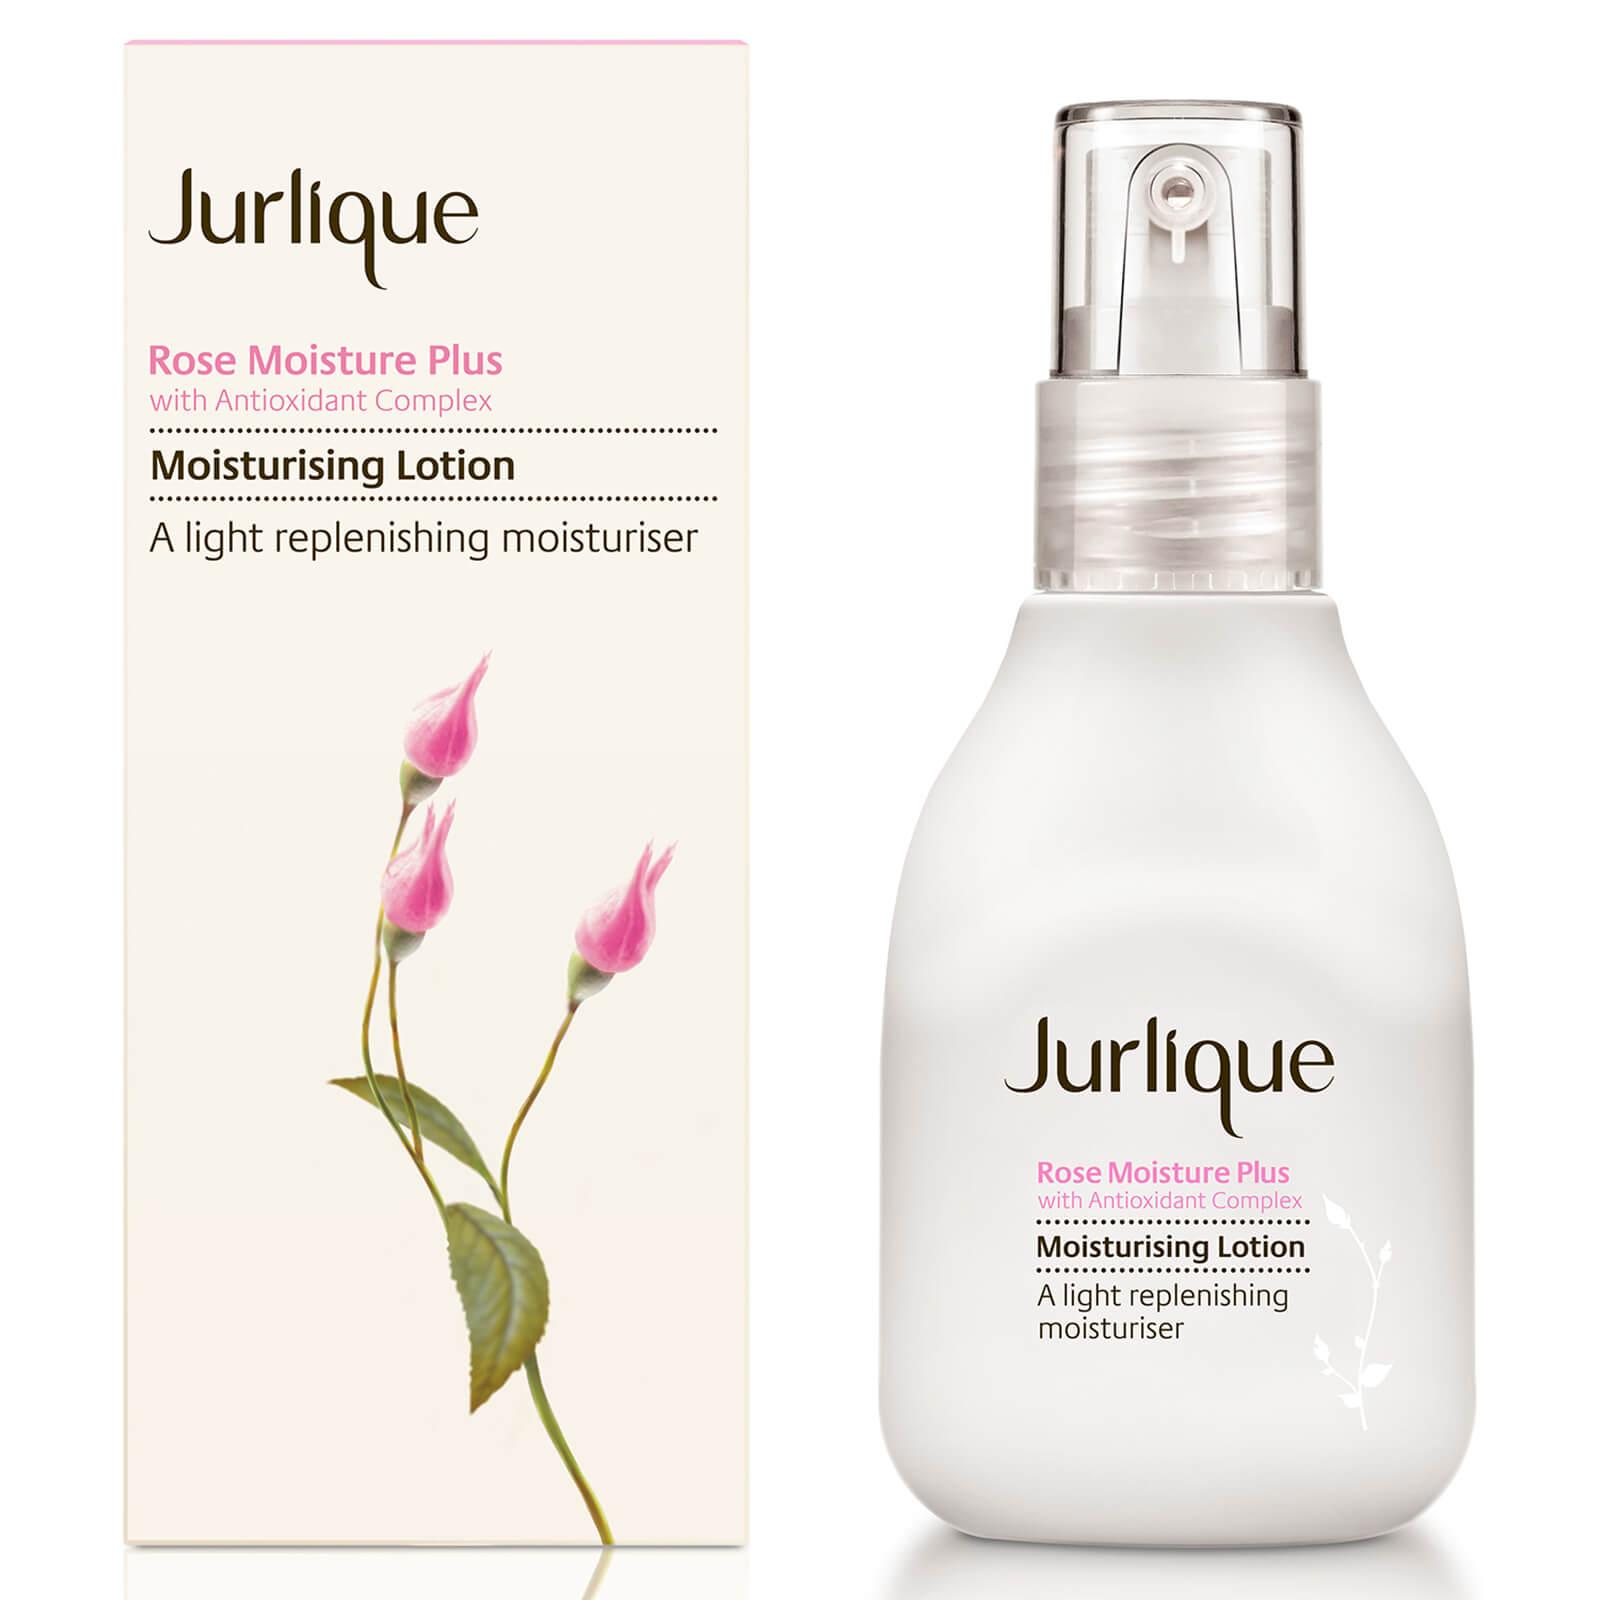 Jurlique Rose Moisture Plus Moisturising Lotion 50ml Beautyexpert Olay